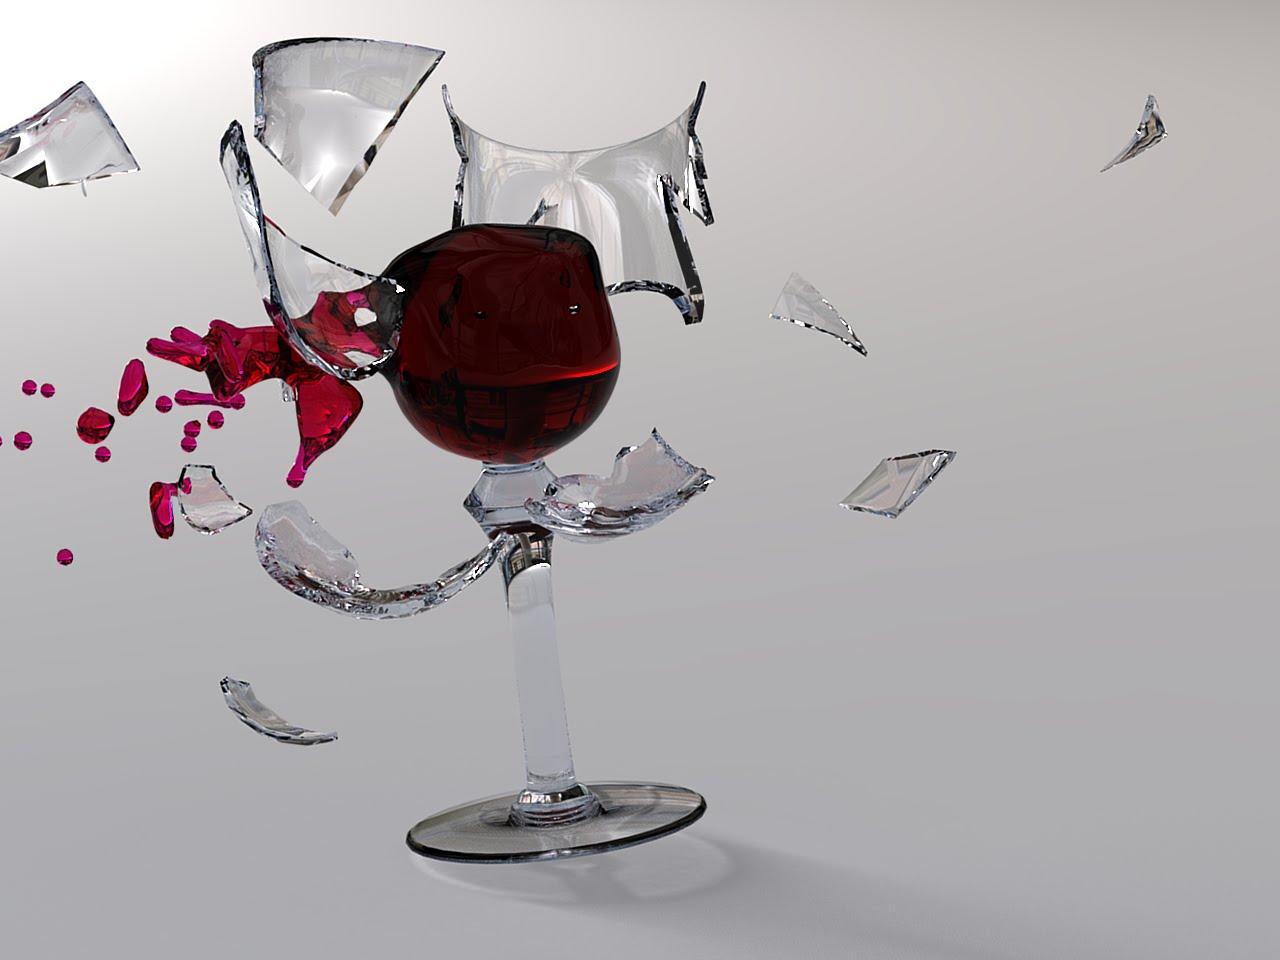 http://4.bp.blogspot.com/_7pv0LpGTI1Y/TLiuOQq00CI/AAAAAAAAA2A/UiT-DUj2LpM/s1600/Glass+13.jpg